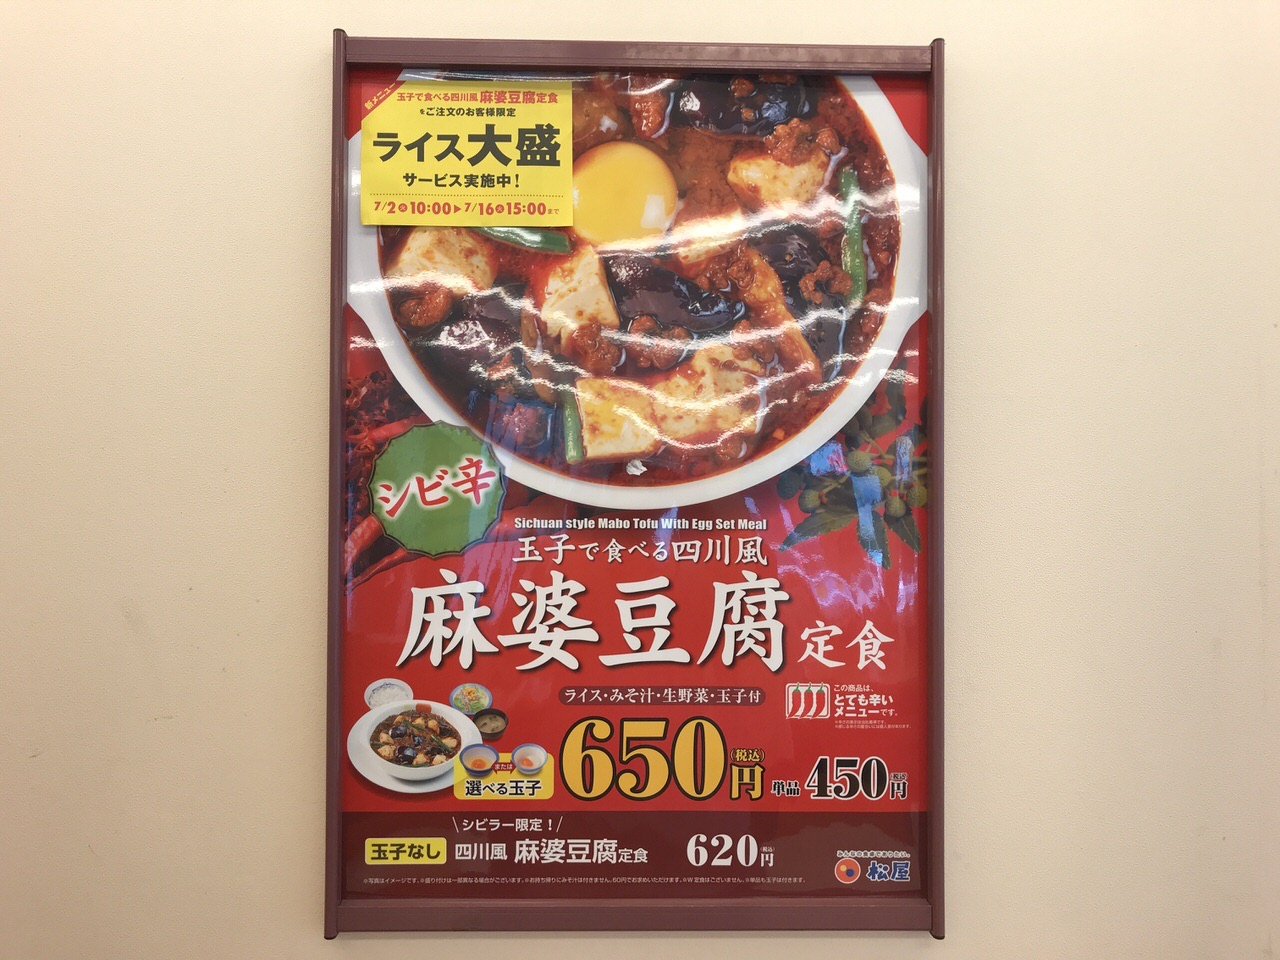 【松屋】「玉子で食べる四川風 麻婆豆腐定食」1